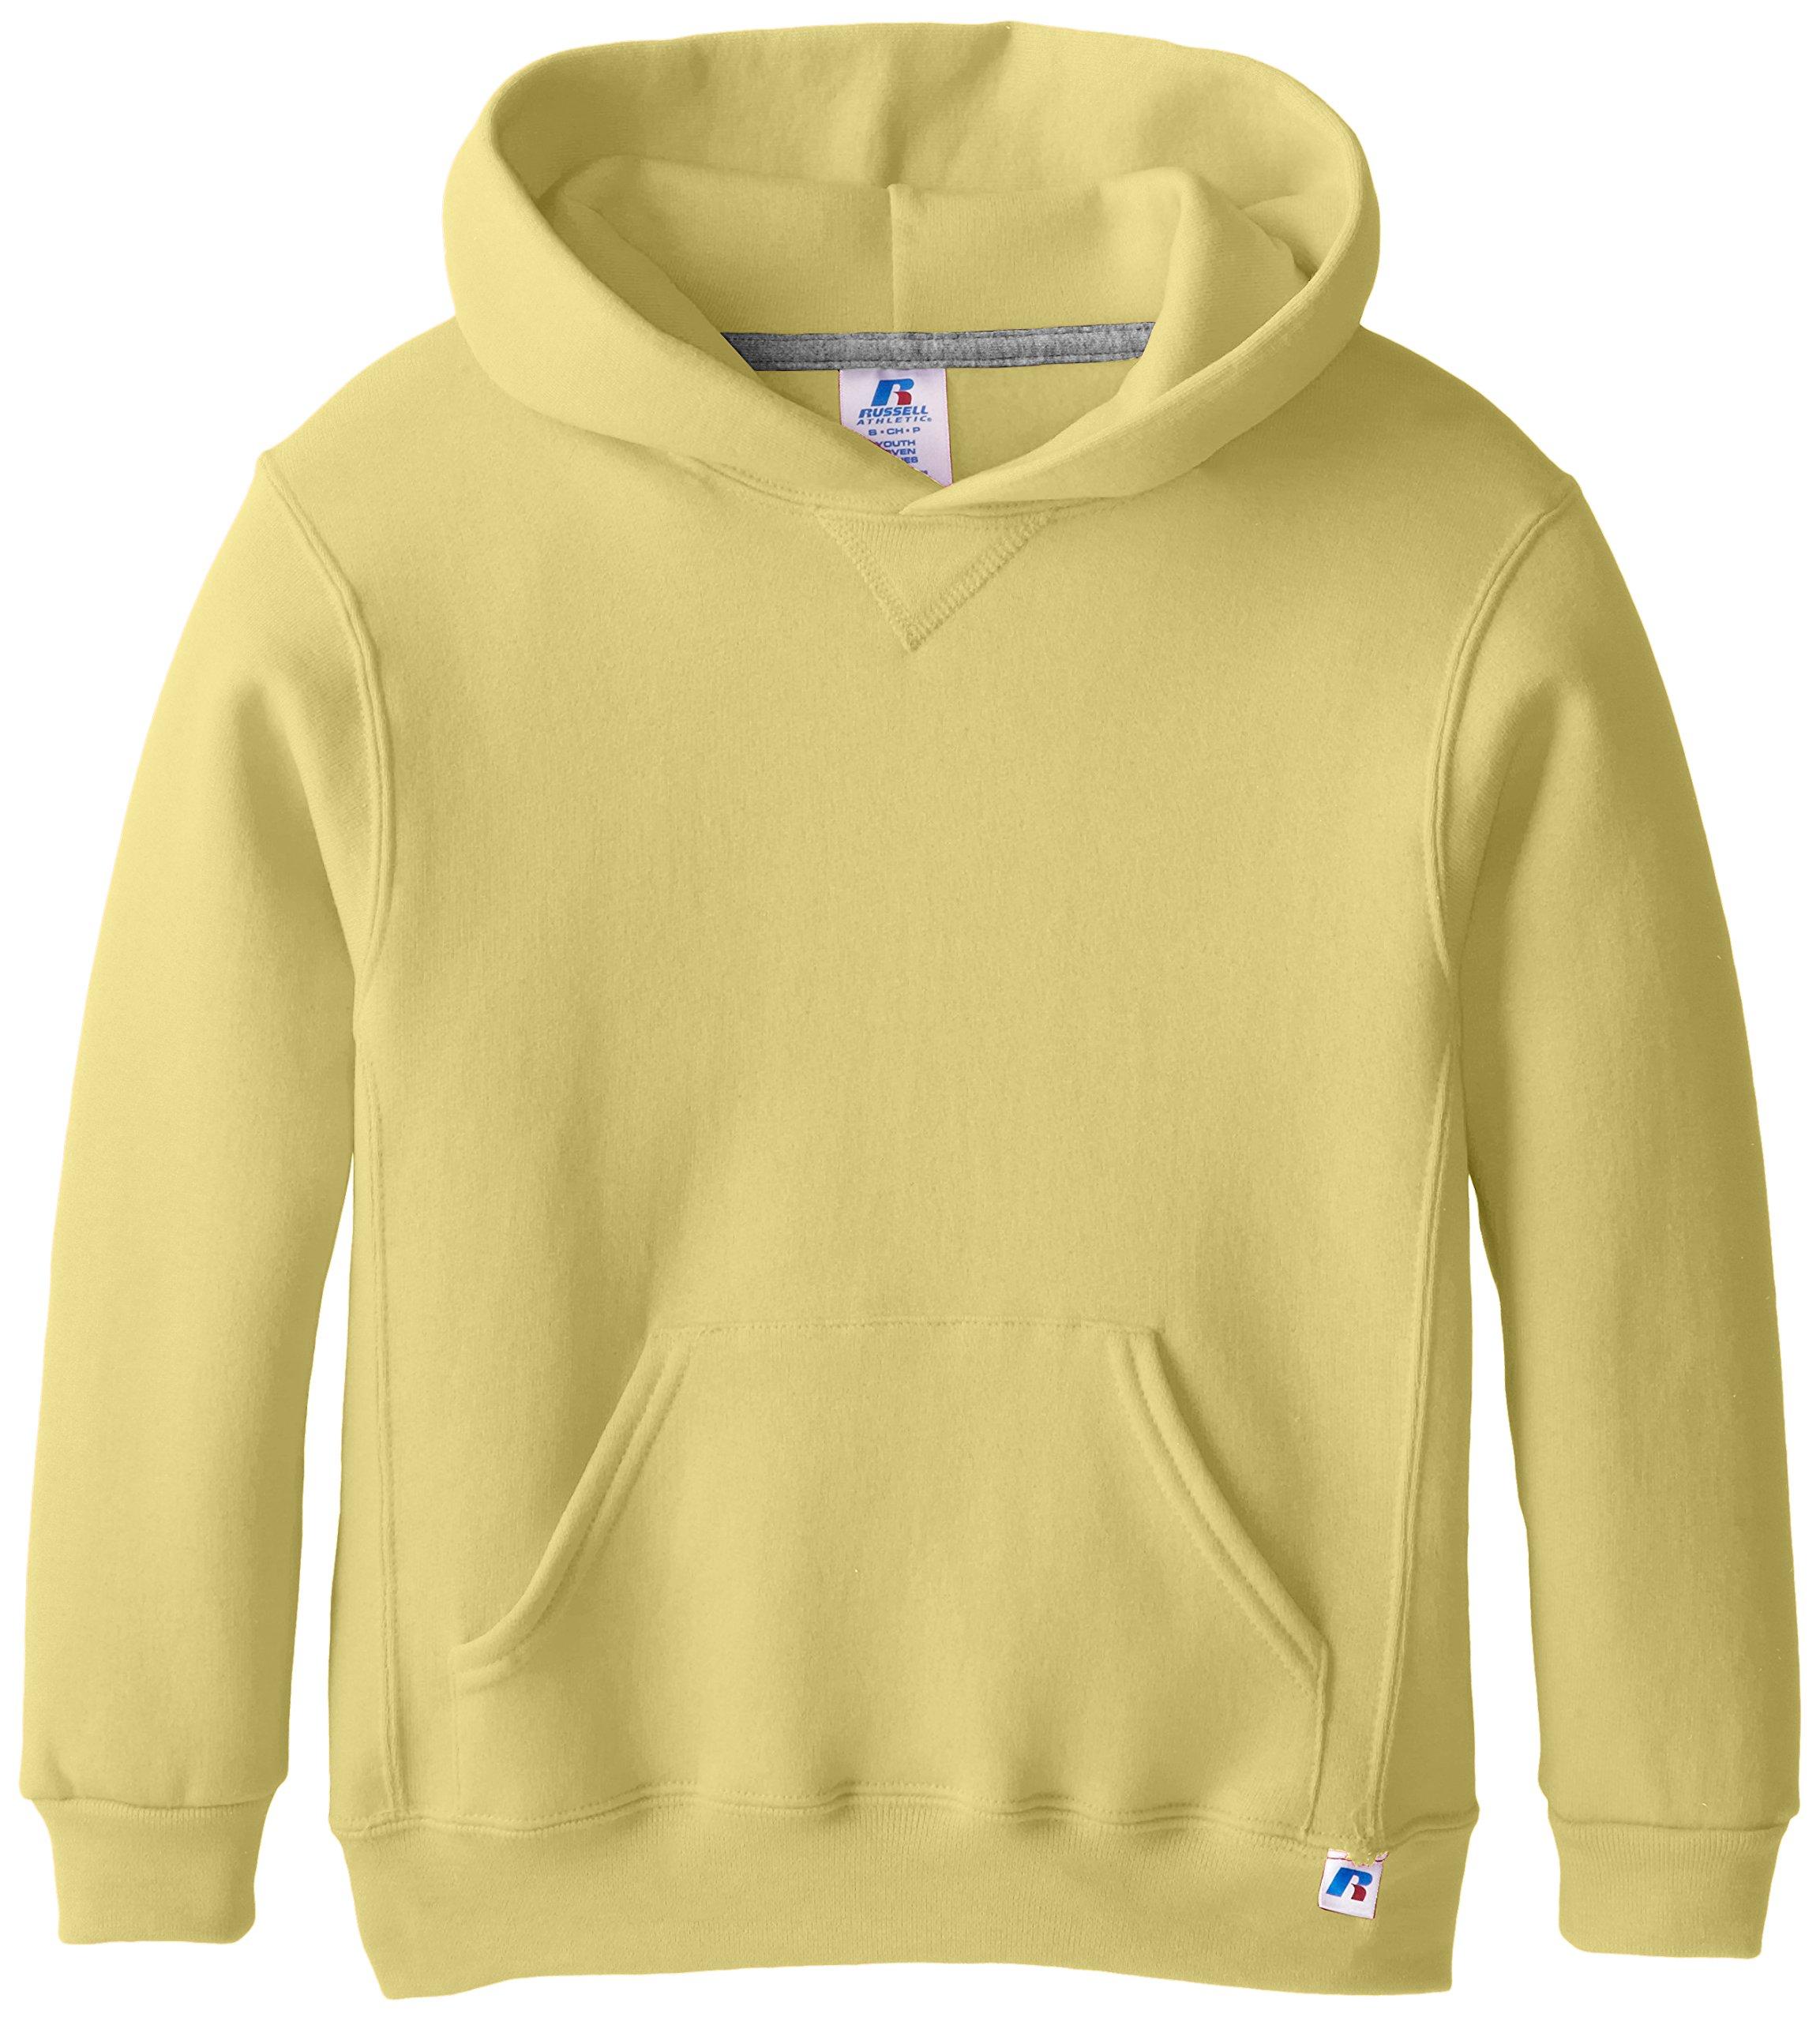 Russell Athletic Big Boys' Fleece Pullover Hood, Gold, Medium